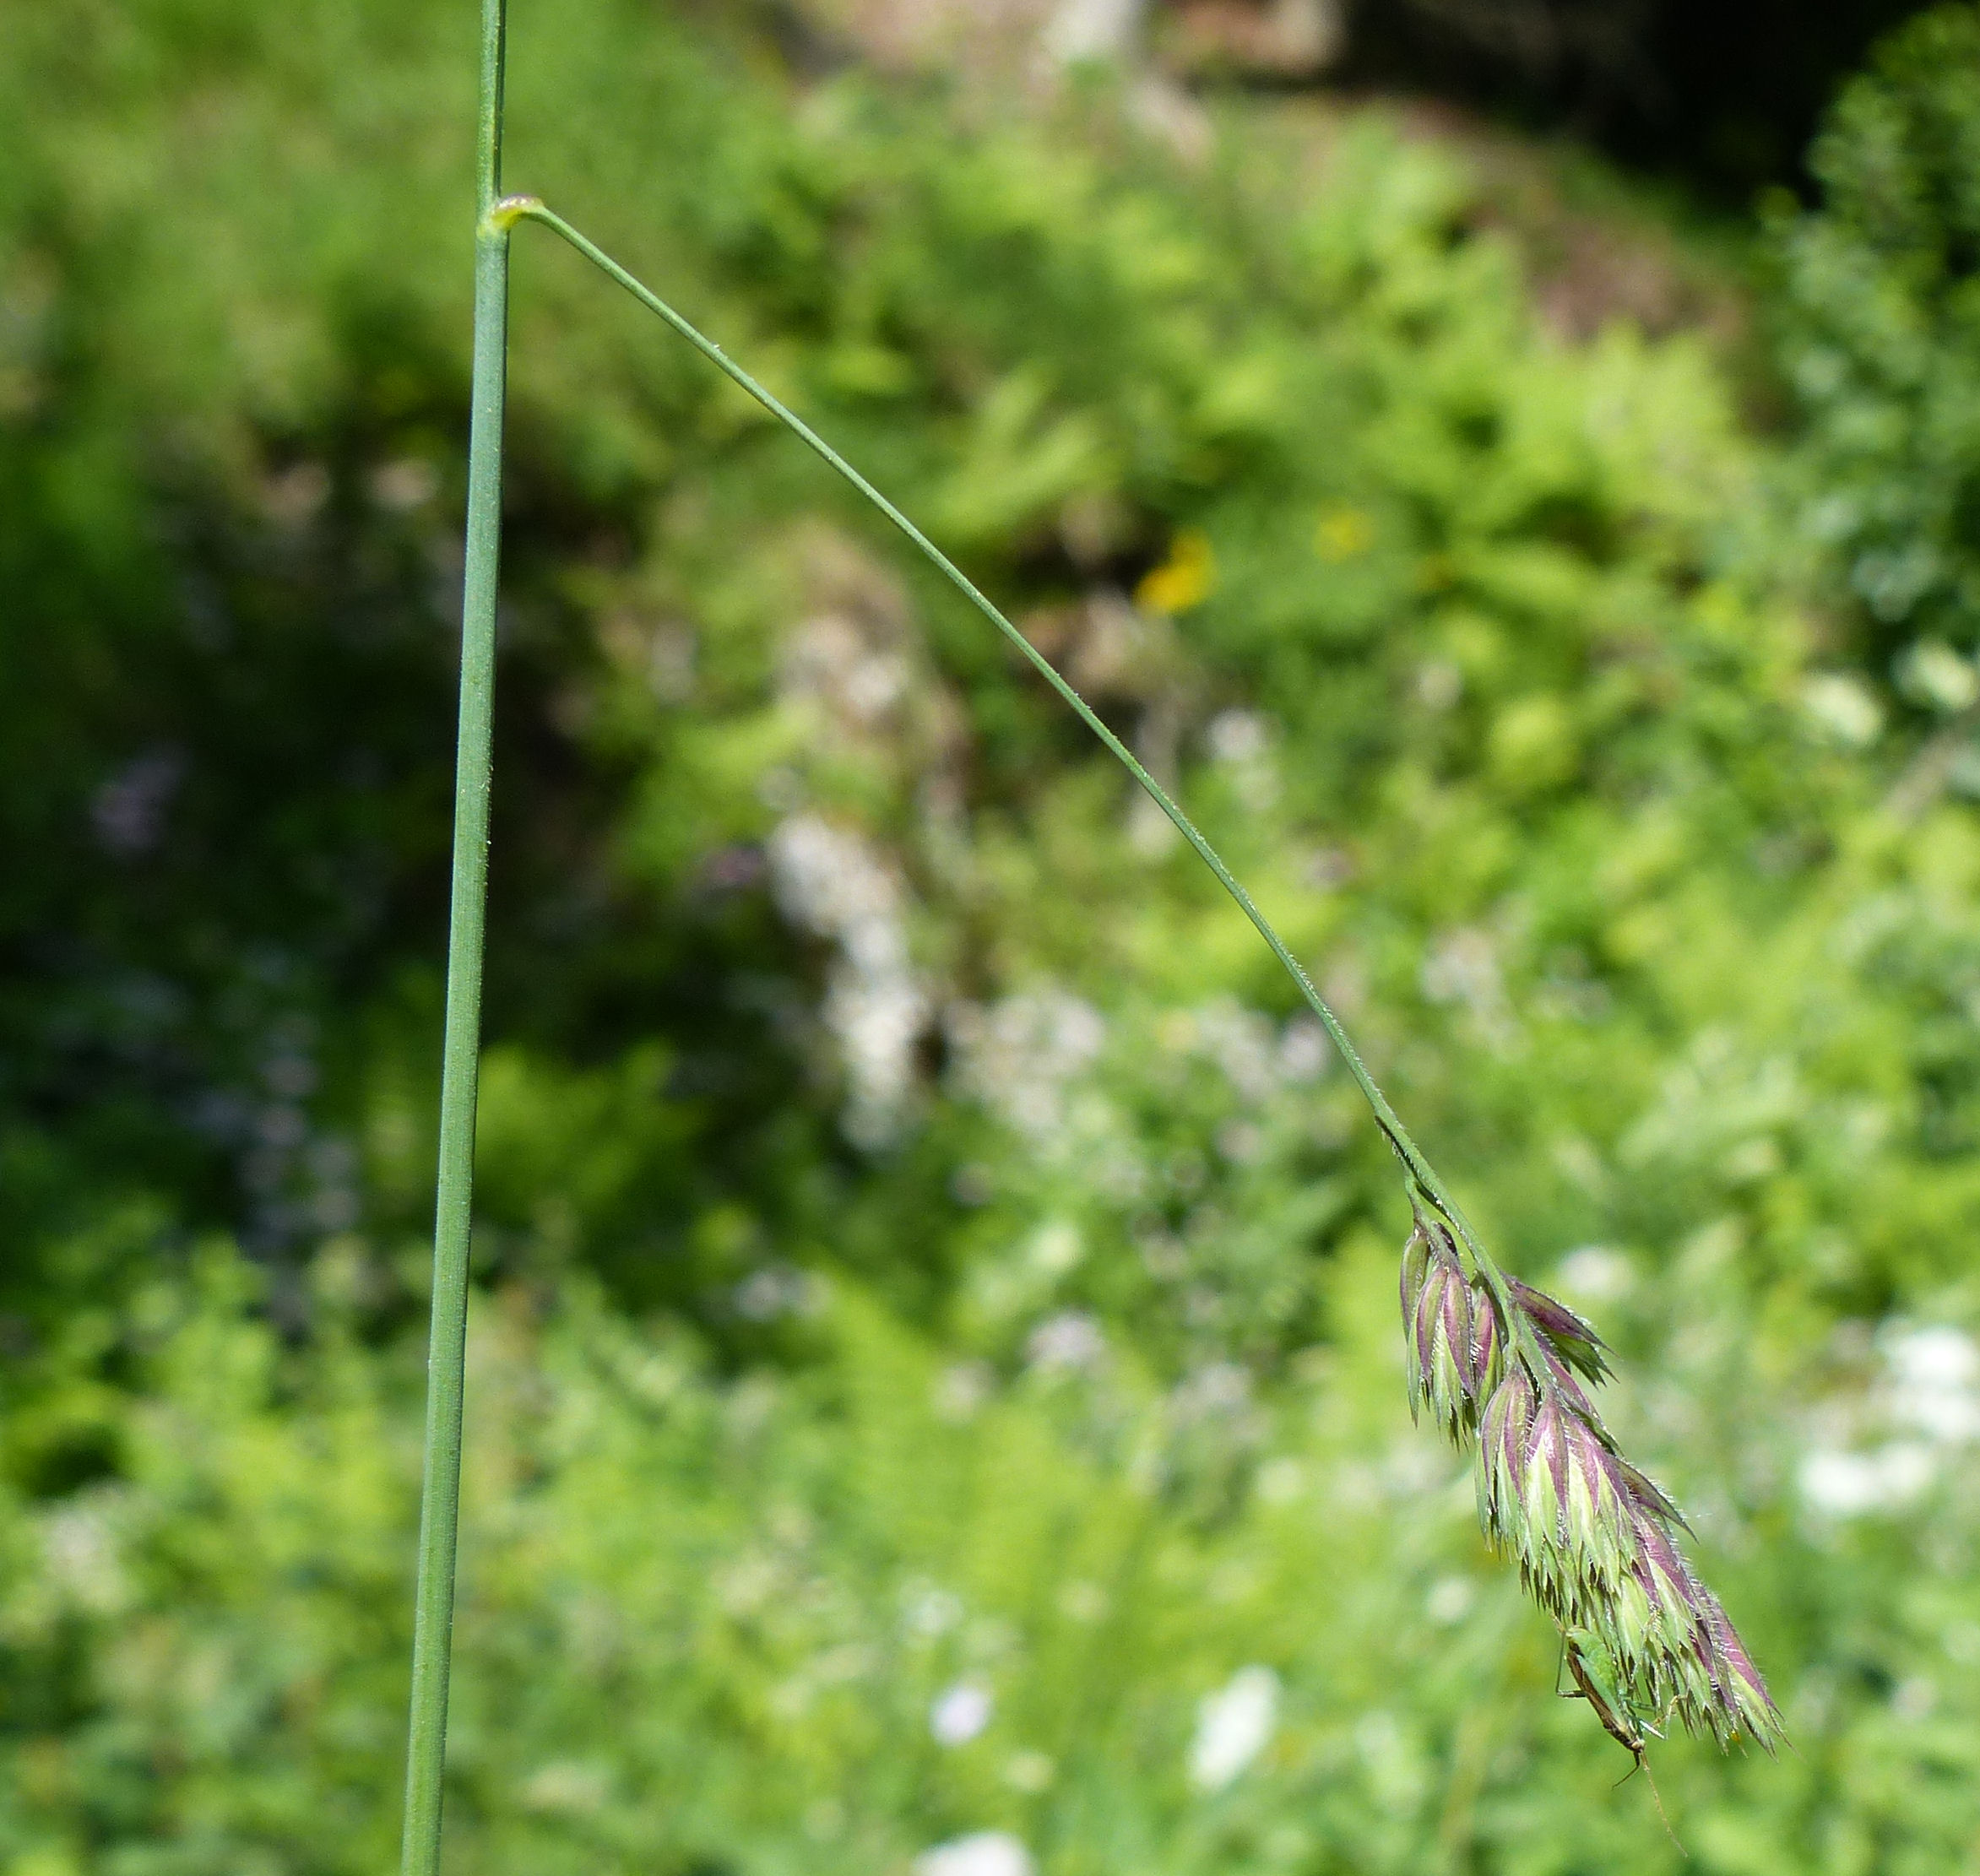 © Dipartimento di Scienze della Vita, Università di Trieste<br>by Andrea Moro<br>Monte Faverghera, Giardino botanico delle Alpi Orientali, BL, Veneto, Italia, 08/07/2015<br>Distributed under CC-BY-SA 4.0 license.